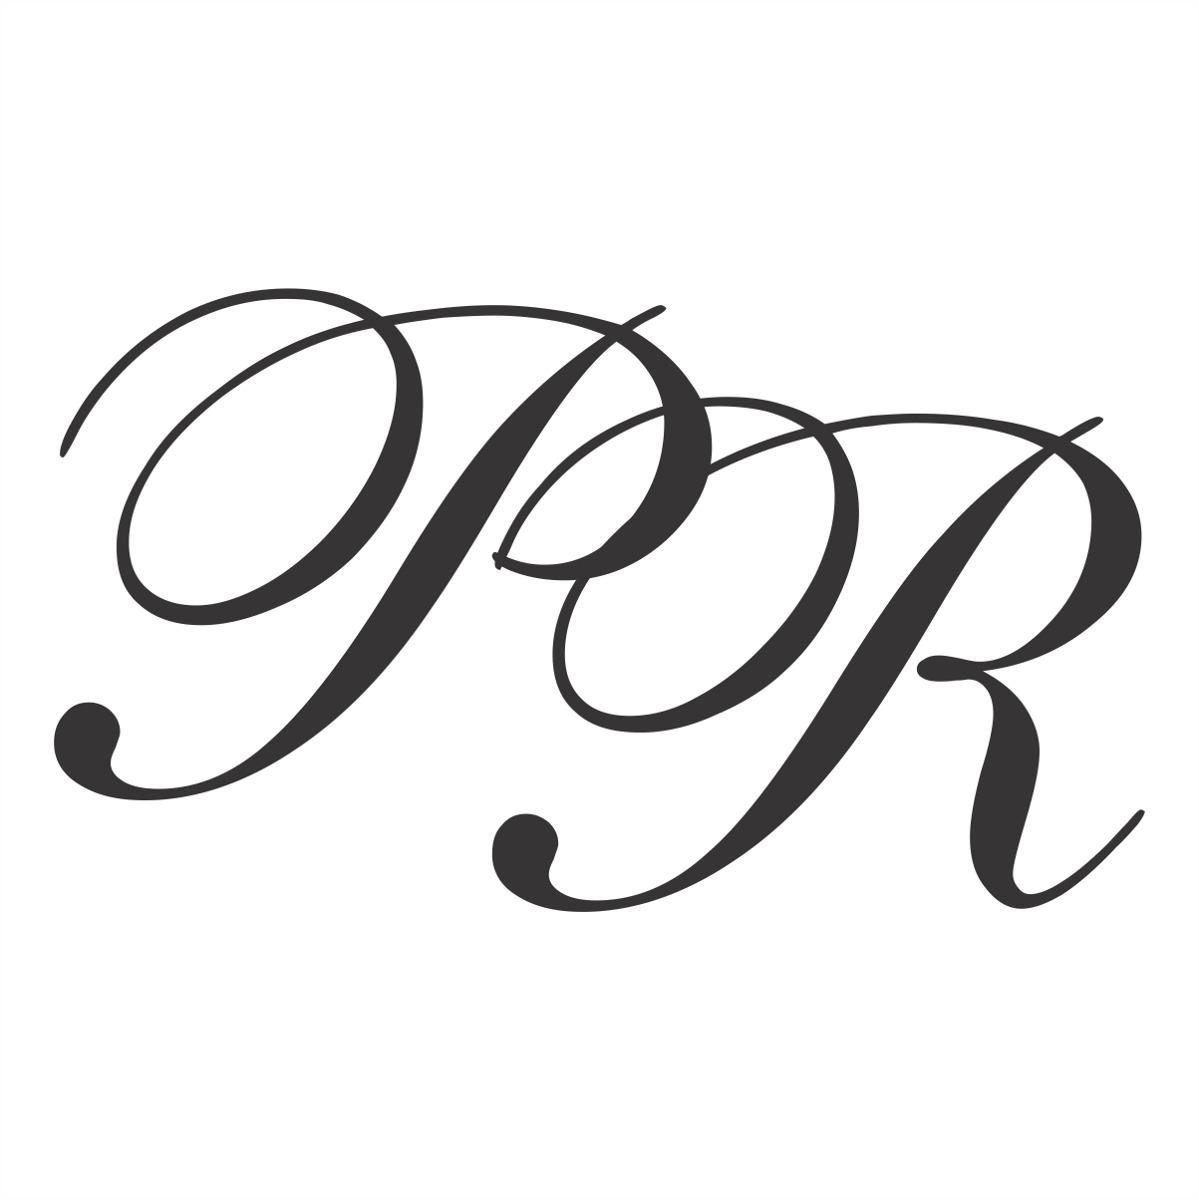 Aparador De Pelo Zoom ~ Adesivo Letras Iniciais Em Vinil Para Piscinas R$ 89,70 em Mercado Livre